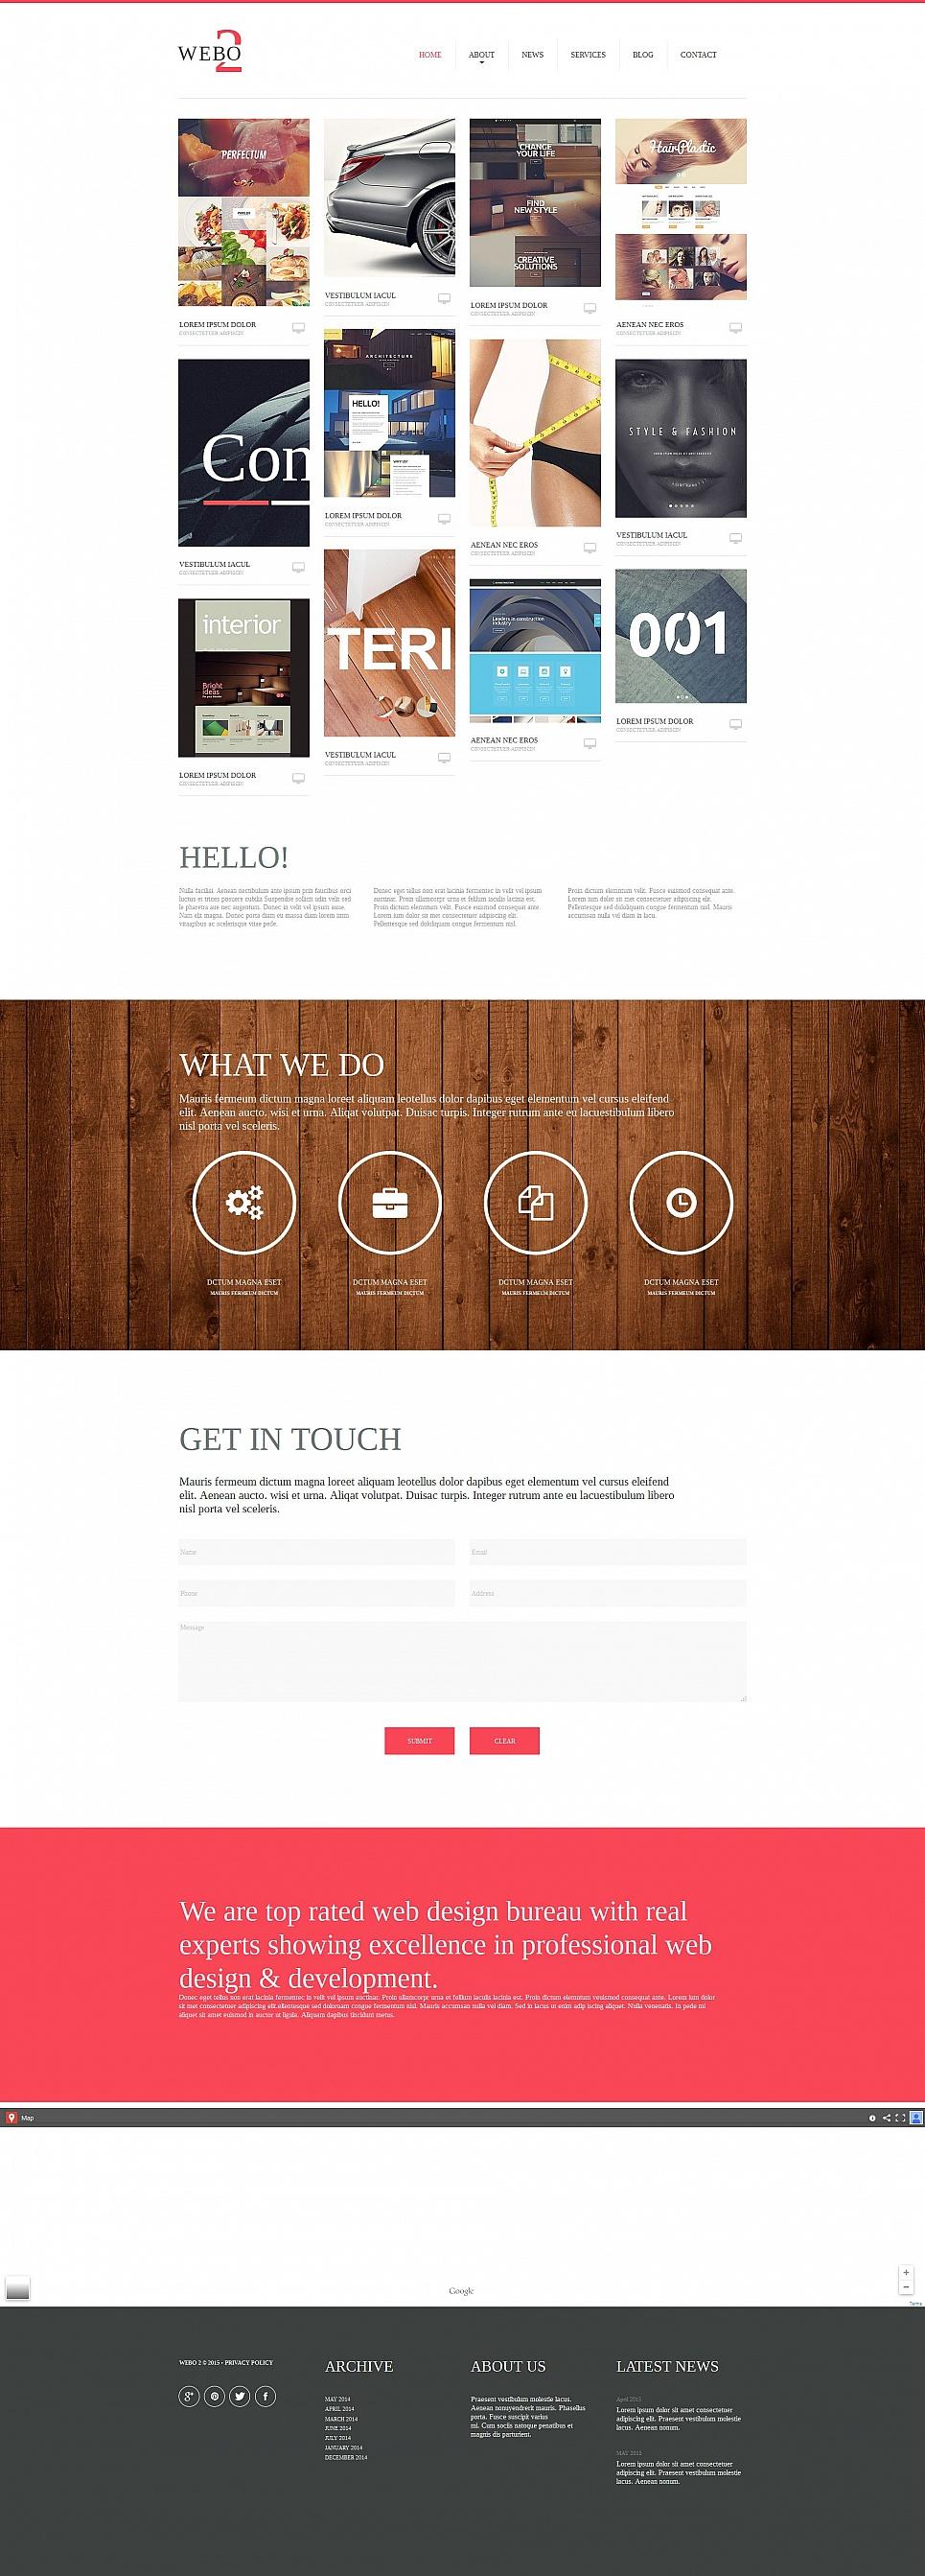 MotoCMS HTML Plantilla #54677 de categoría Diseño Web - image